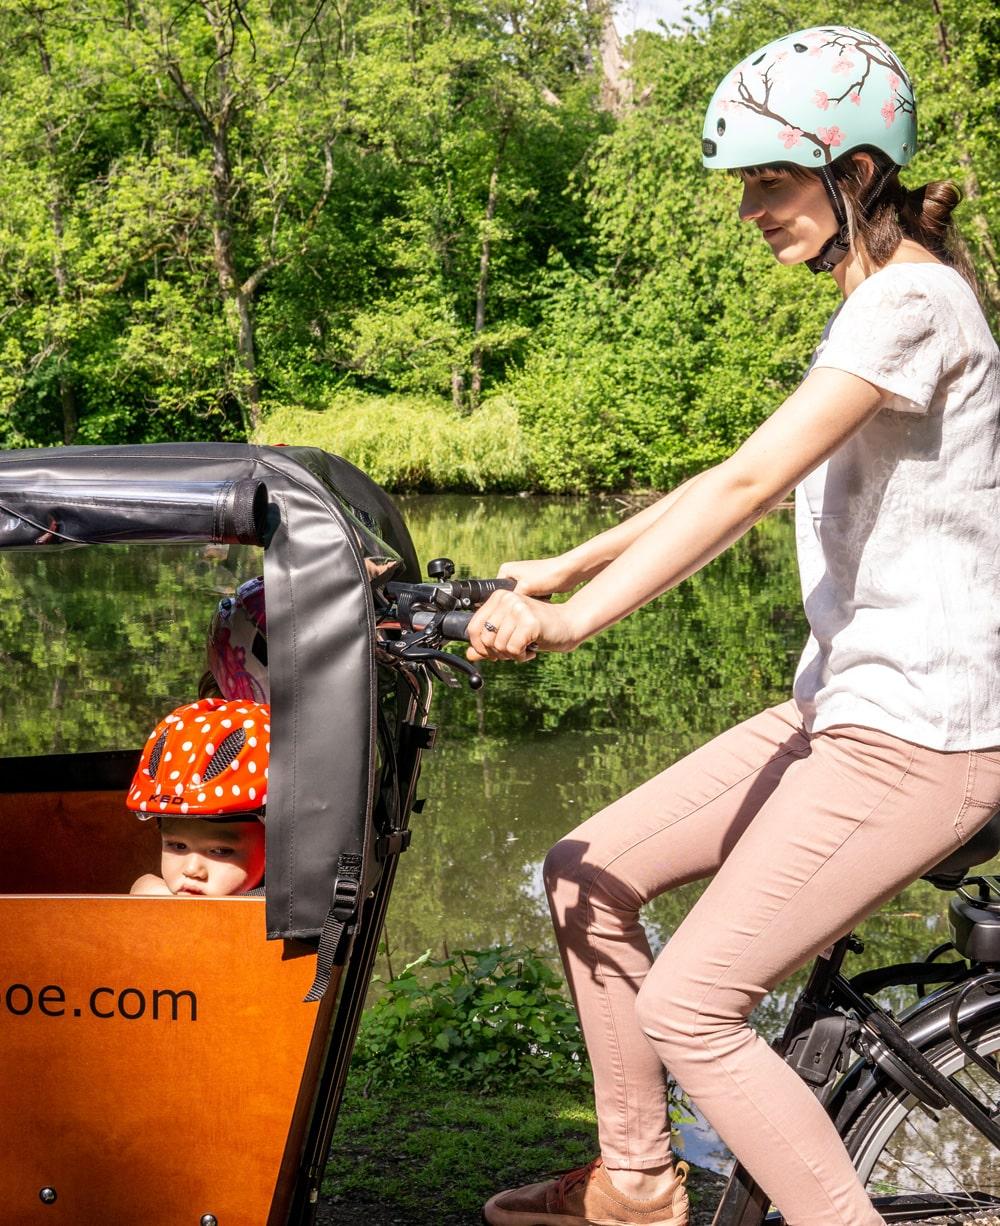 Lastenrad - Erfahrungsbericht einer Mutter - Babboe Big E mit Kindern - Lastenfahrrad Elektro